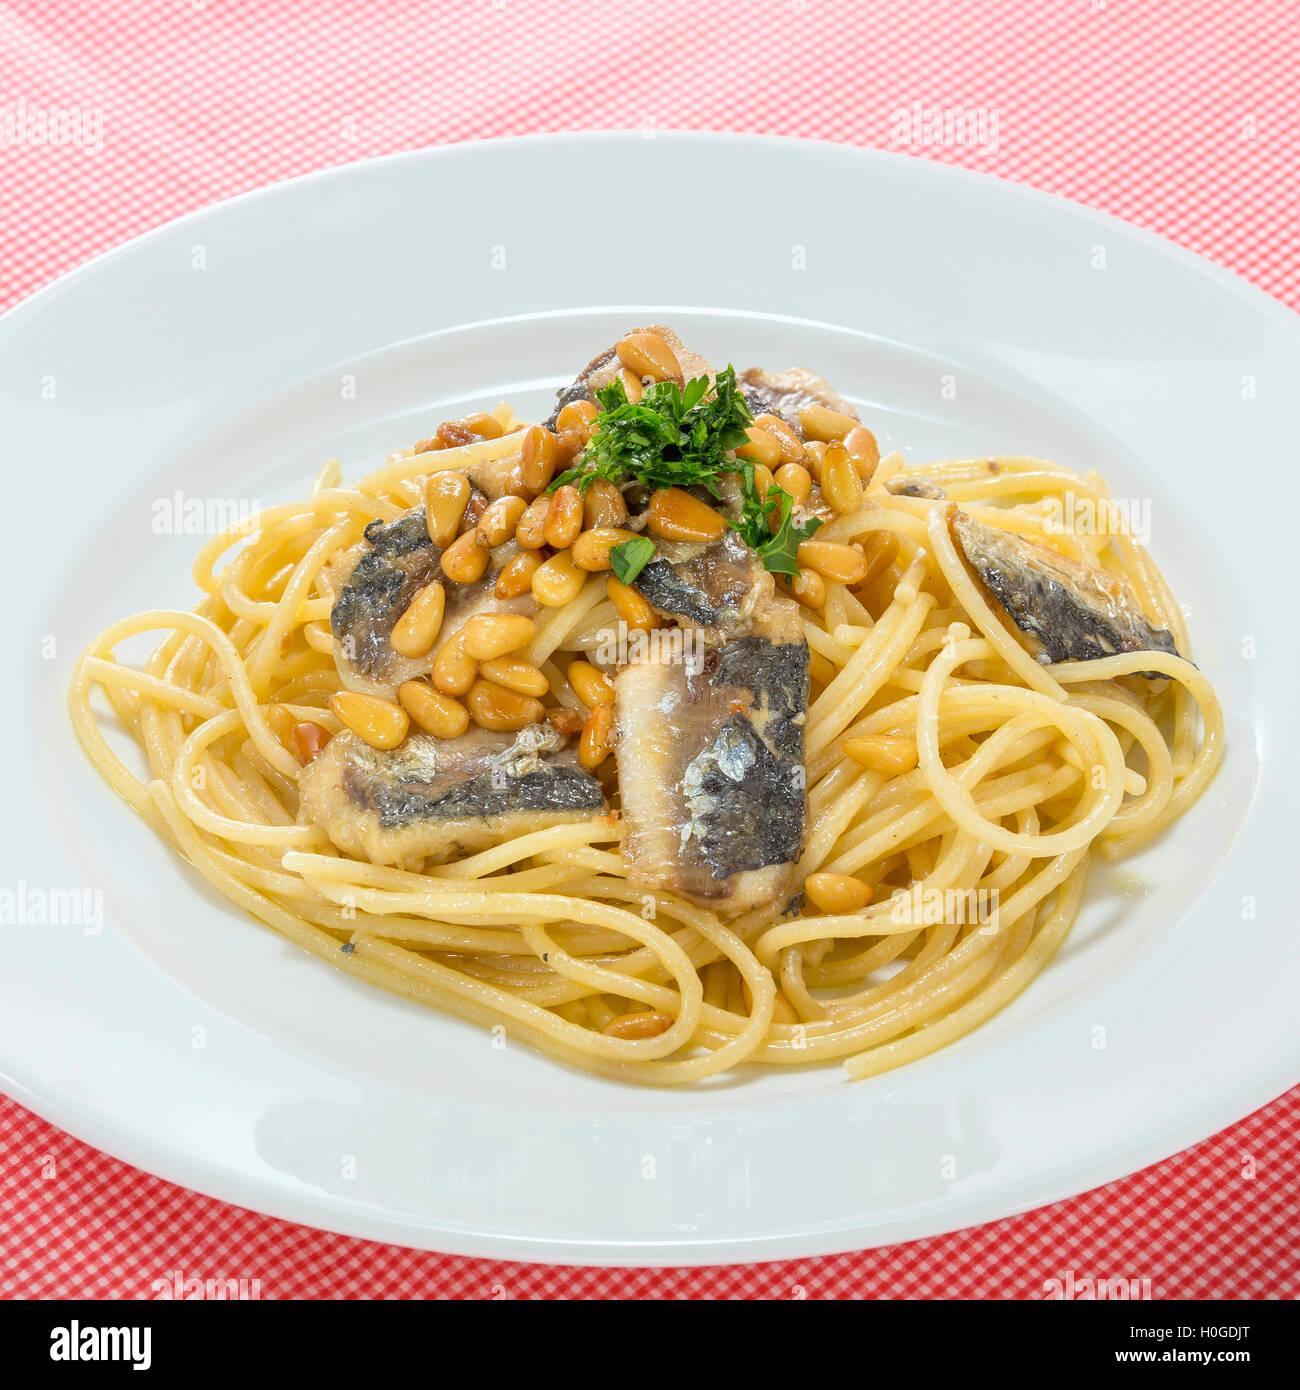 Pâtes et nouilles avec poissons sardine sur plateau blanc Photo Stock